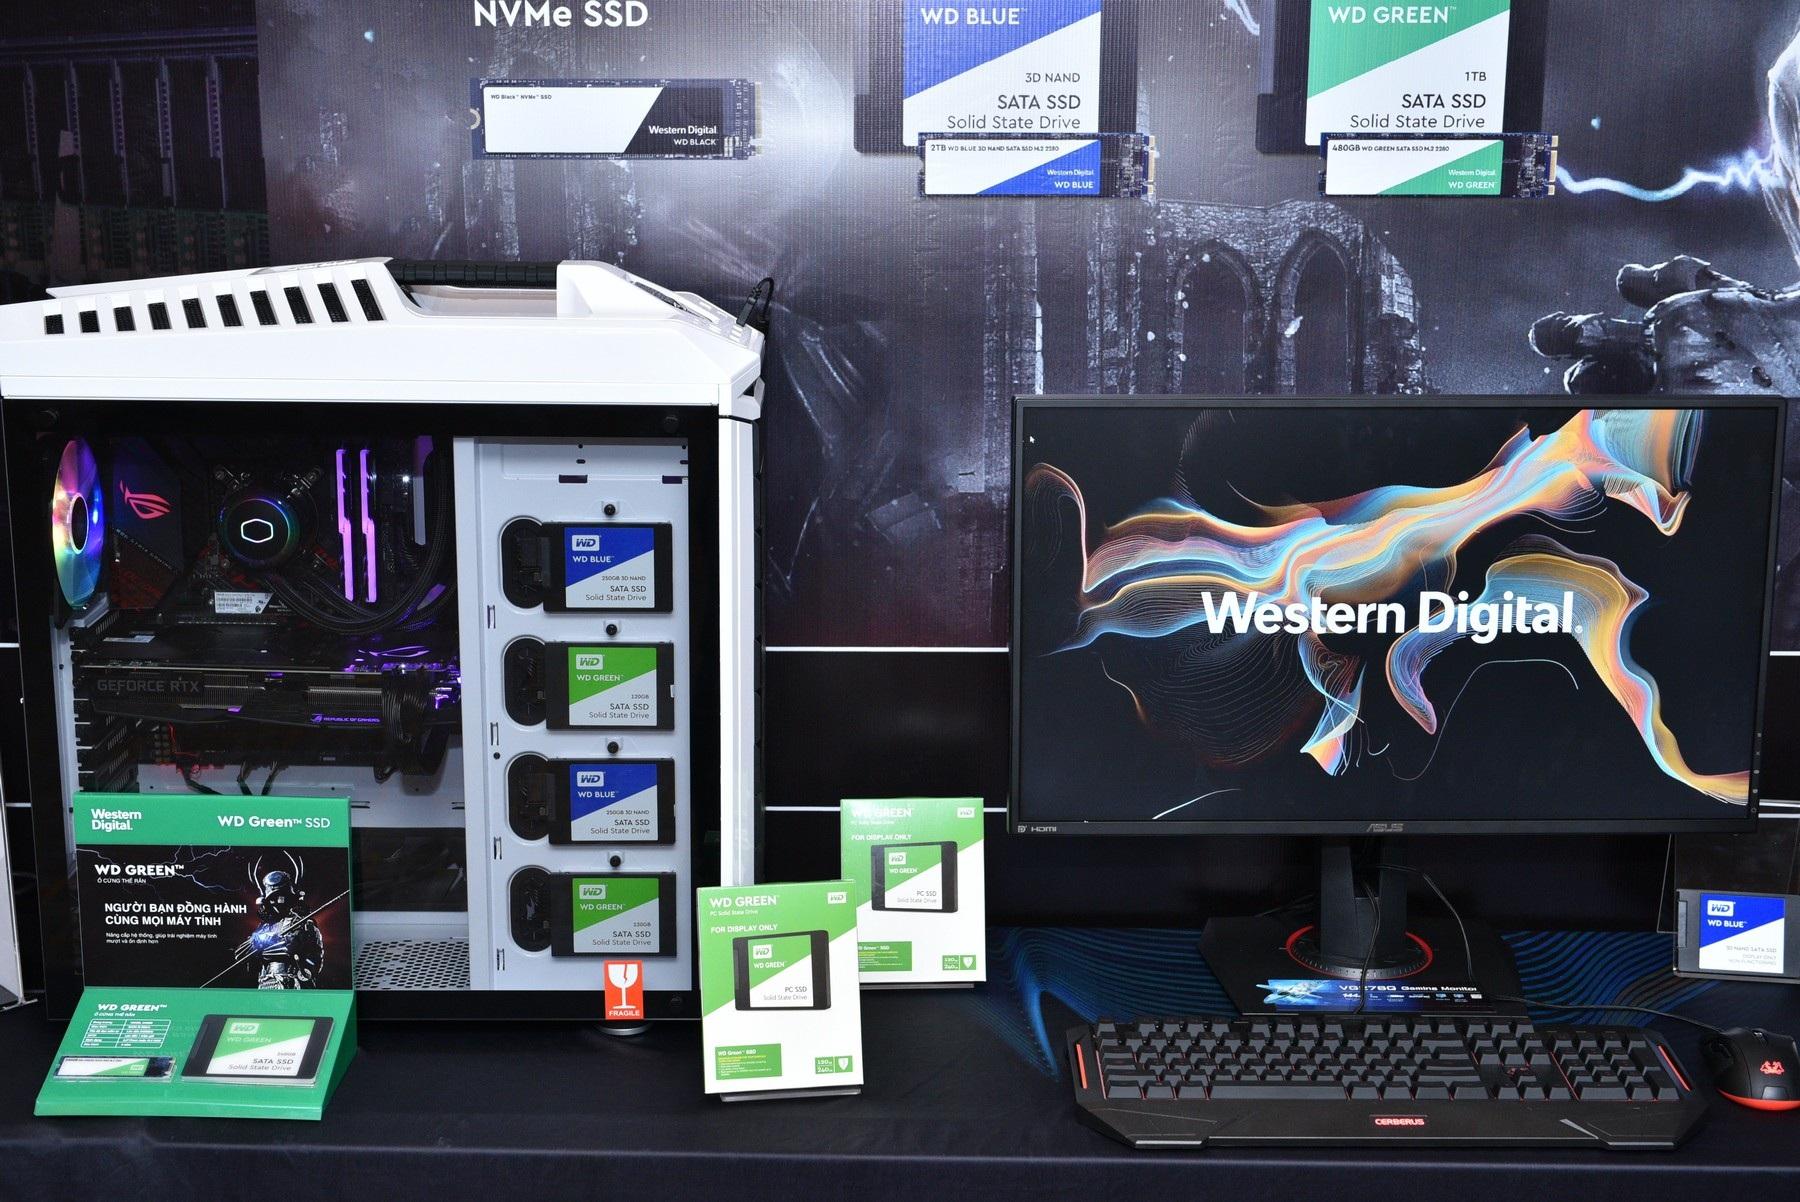 WD giới thiệu loạt nền tảng lưu trữ cao cấp mới tại Việt Nam - Ảnh 2.